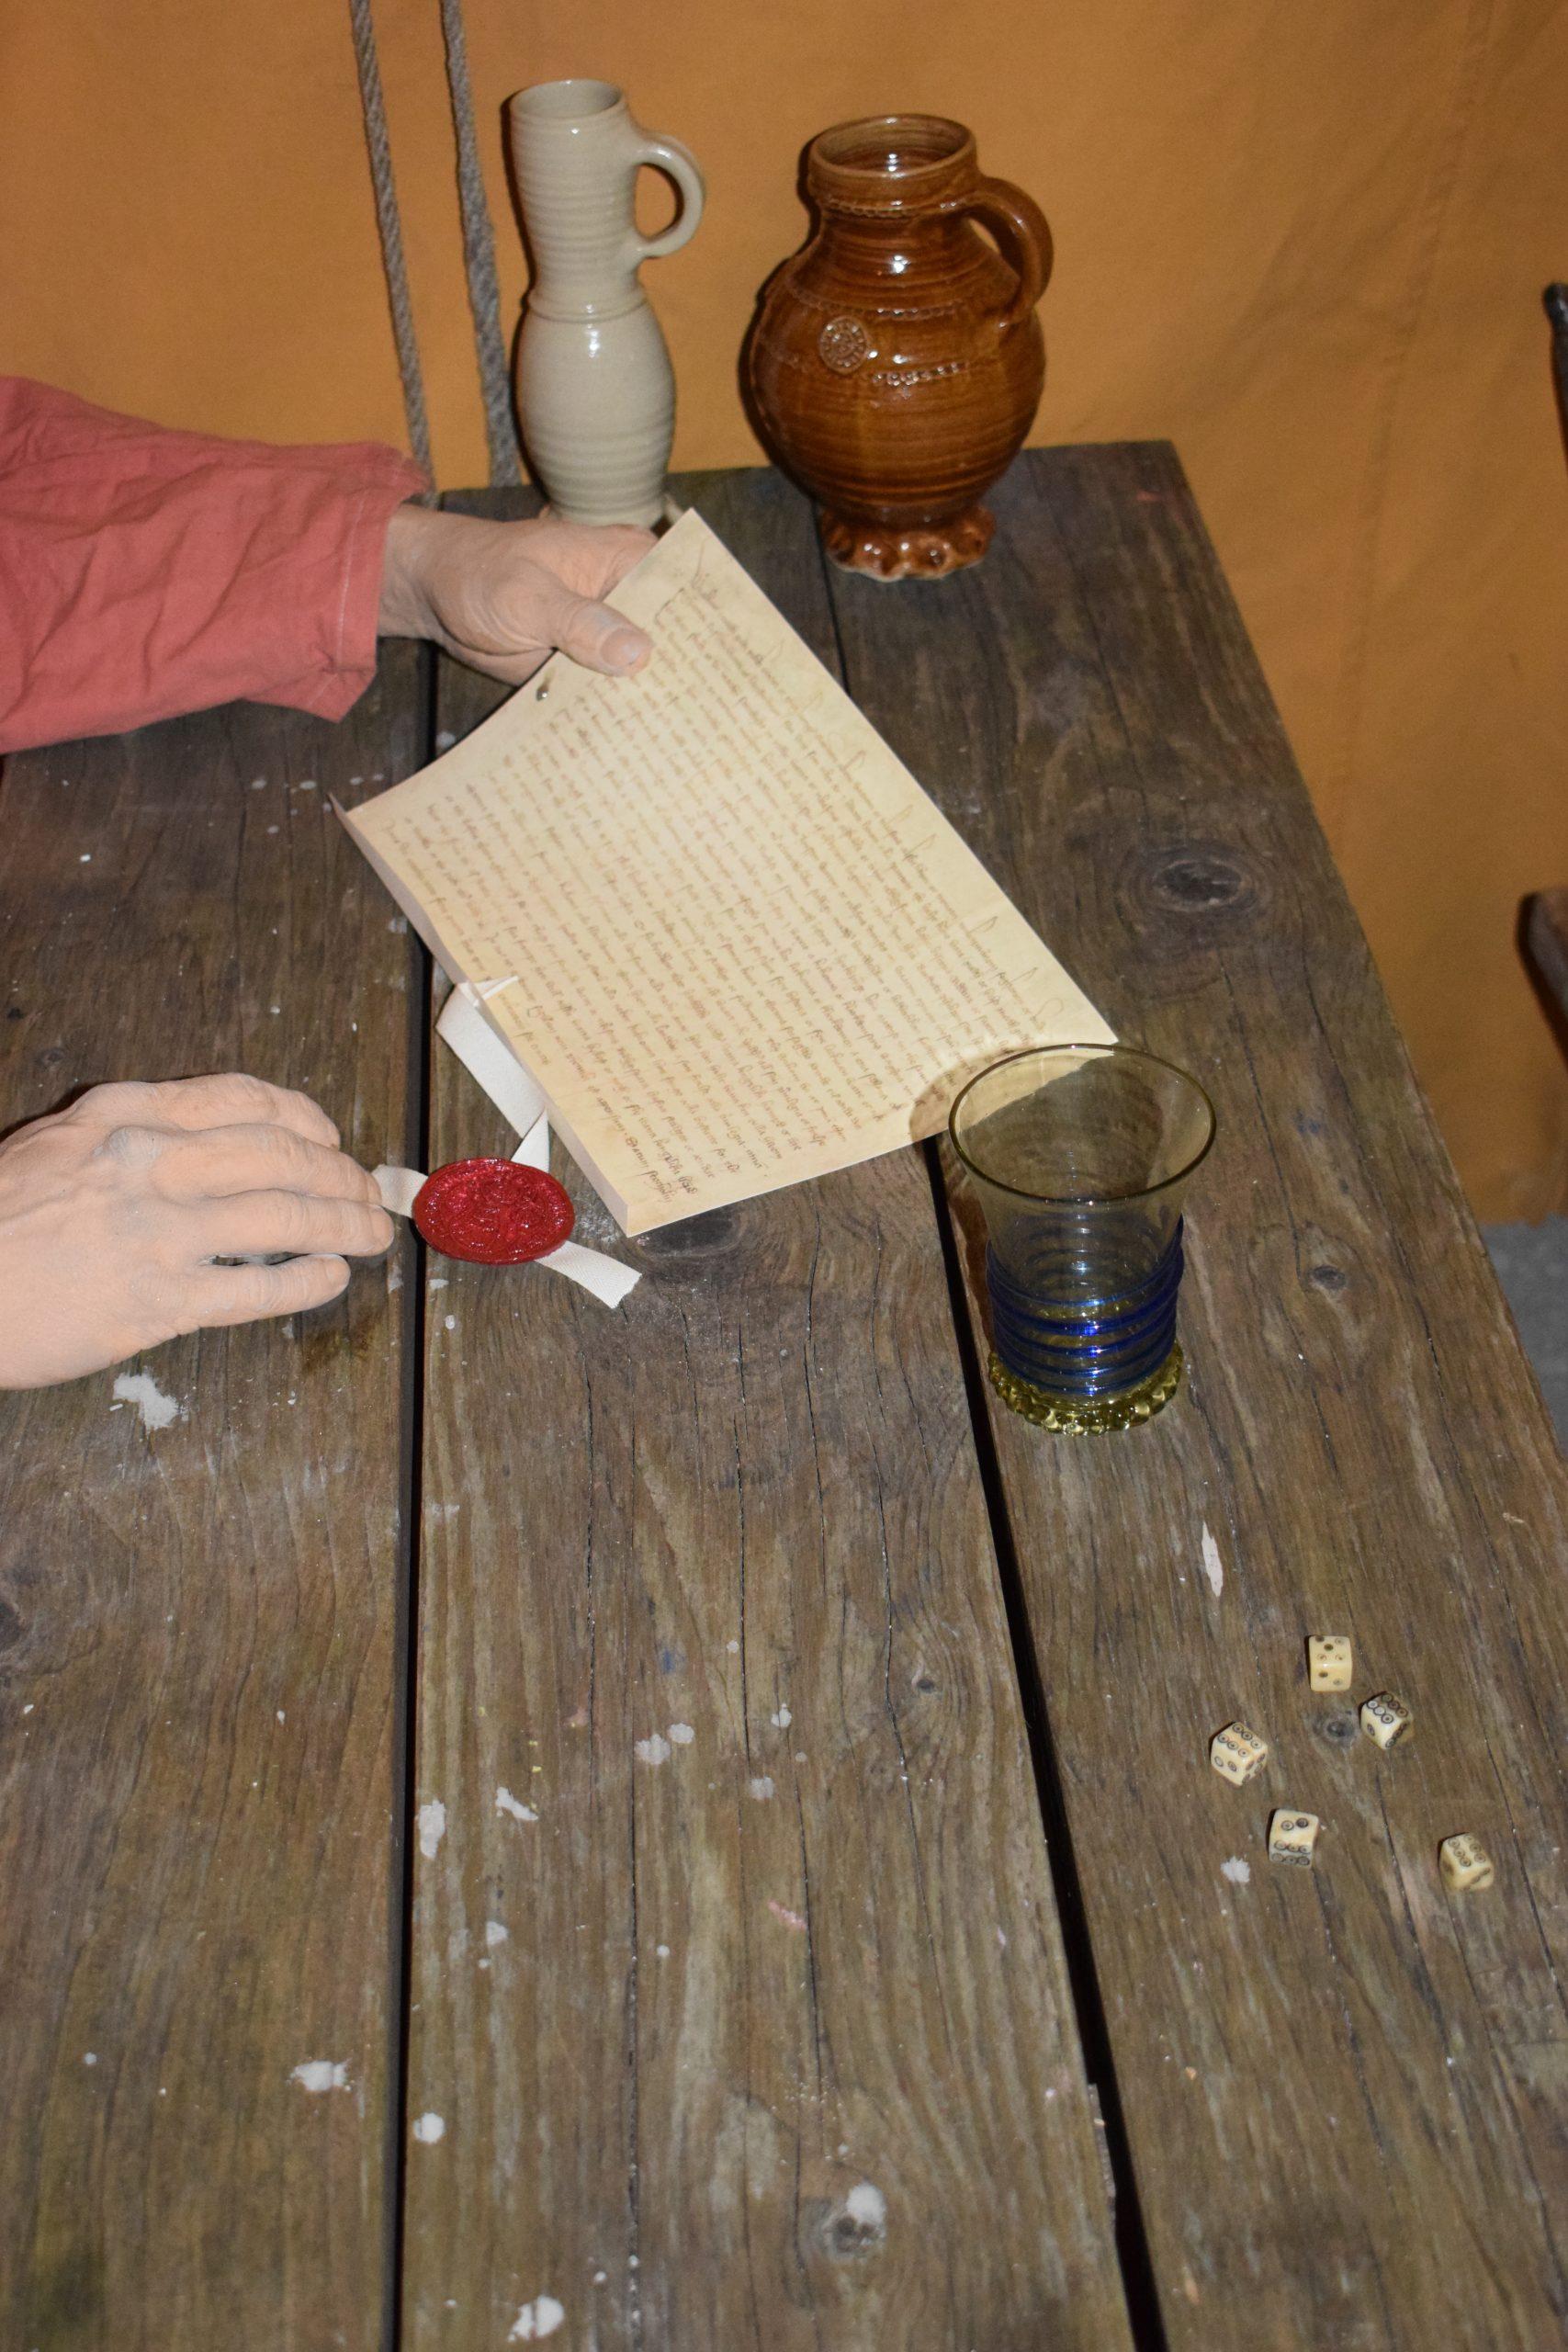 Det finns fyra kända brev som är utfärdade av Albrekt av Mecklenburg under belägringen. Breven är skrivna mellan den 31 augusti och 19 november. I ett av breven framgår att det är utfärdat vid lägret framför Borgholm.